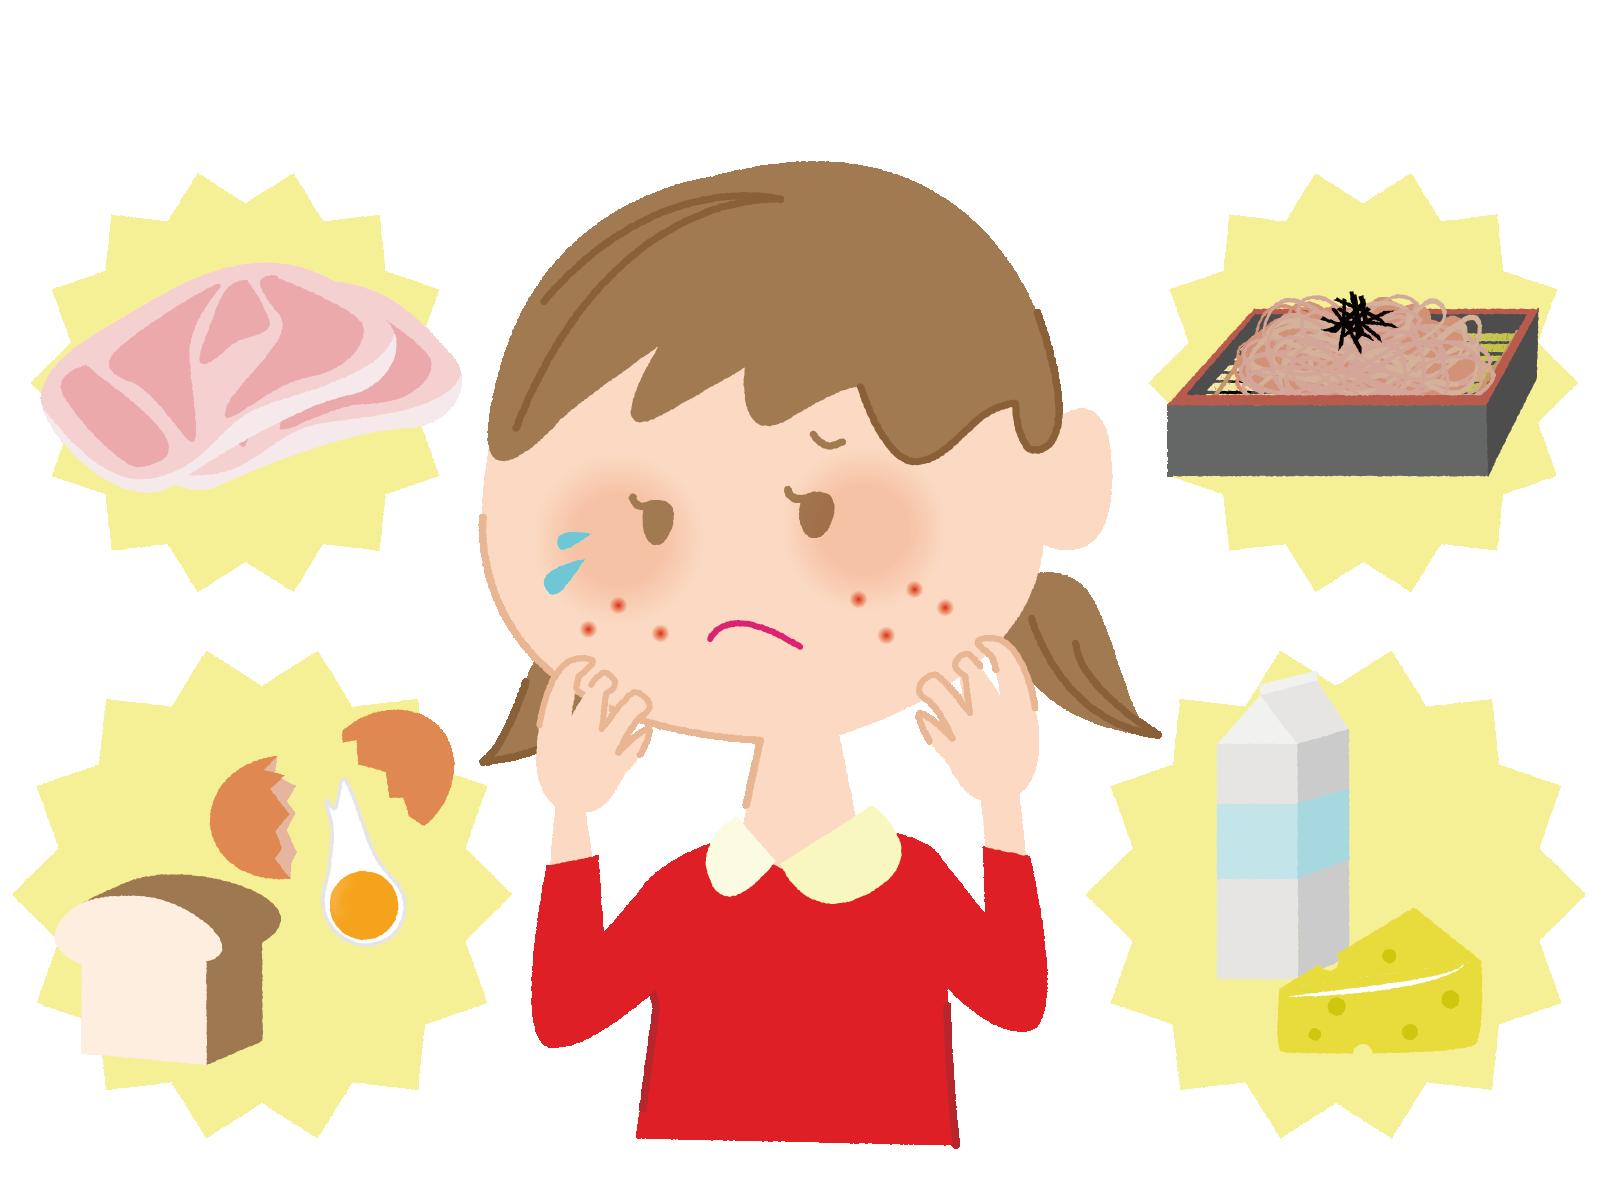 複数の食物アレルギーがある場合に、複数の免疫療法をしても良いか?